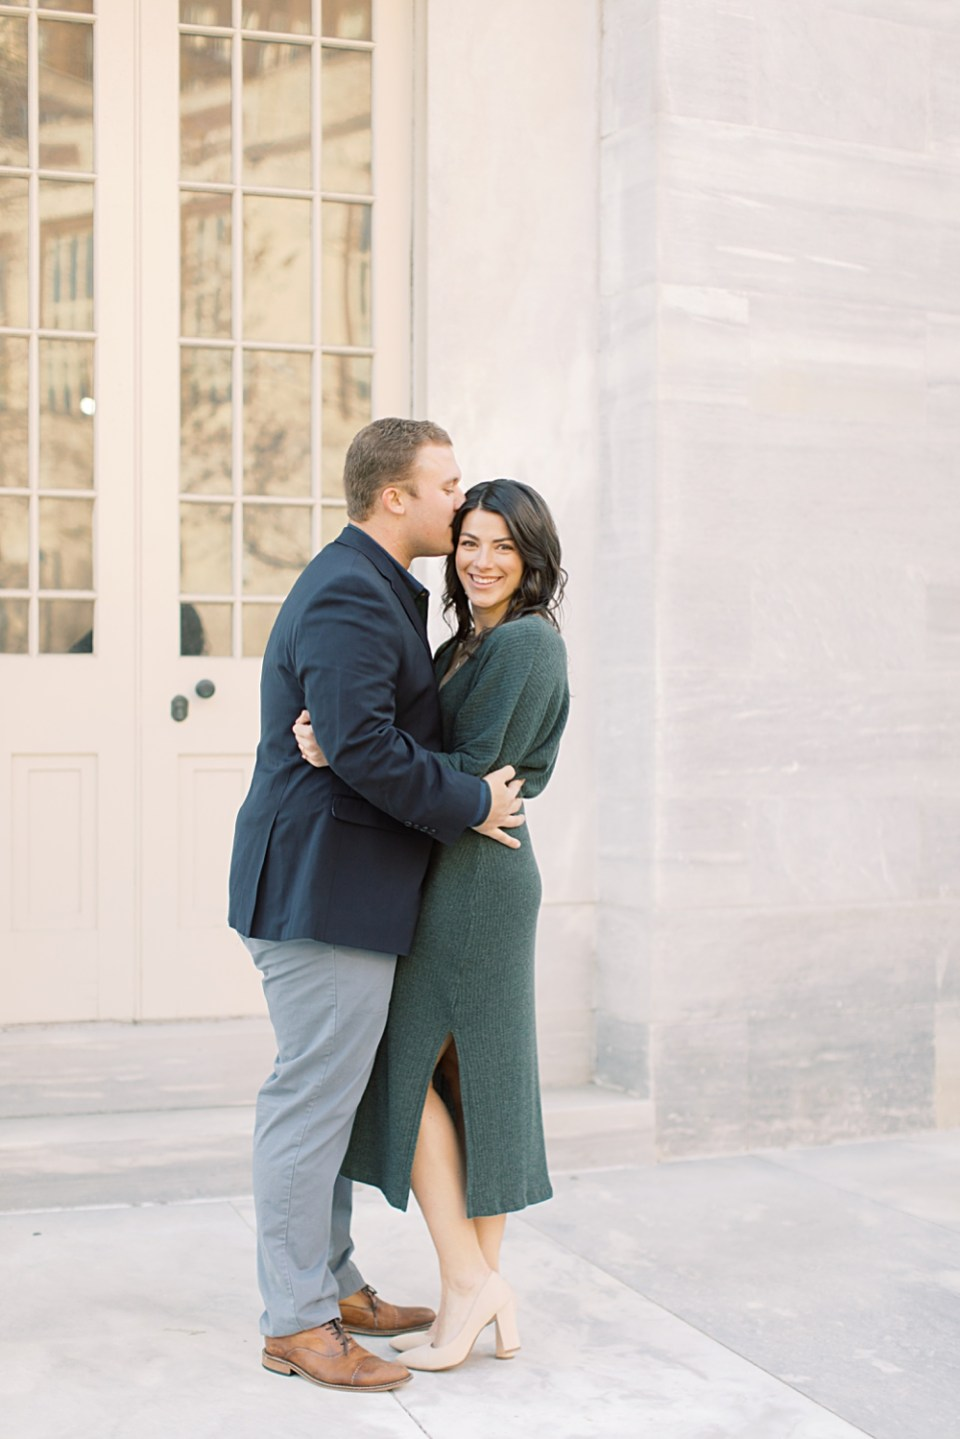 Couple at Merchant's Exchange Building | Engagement Photos